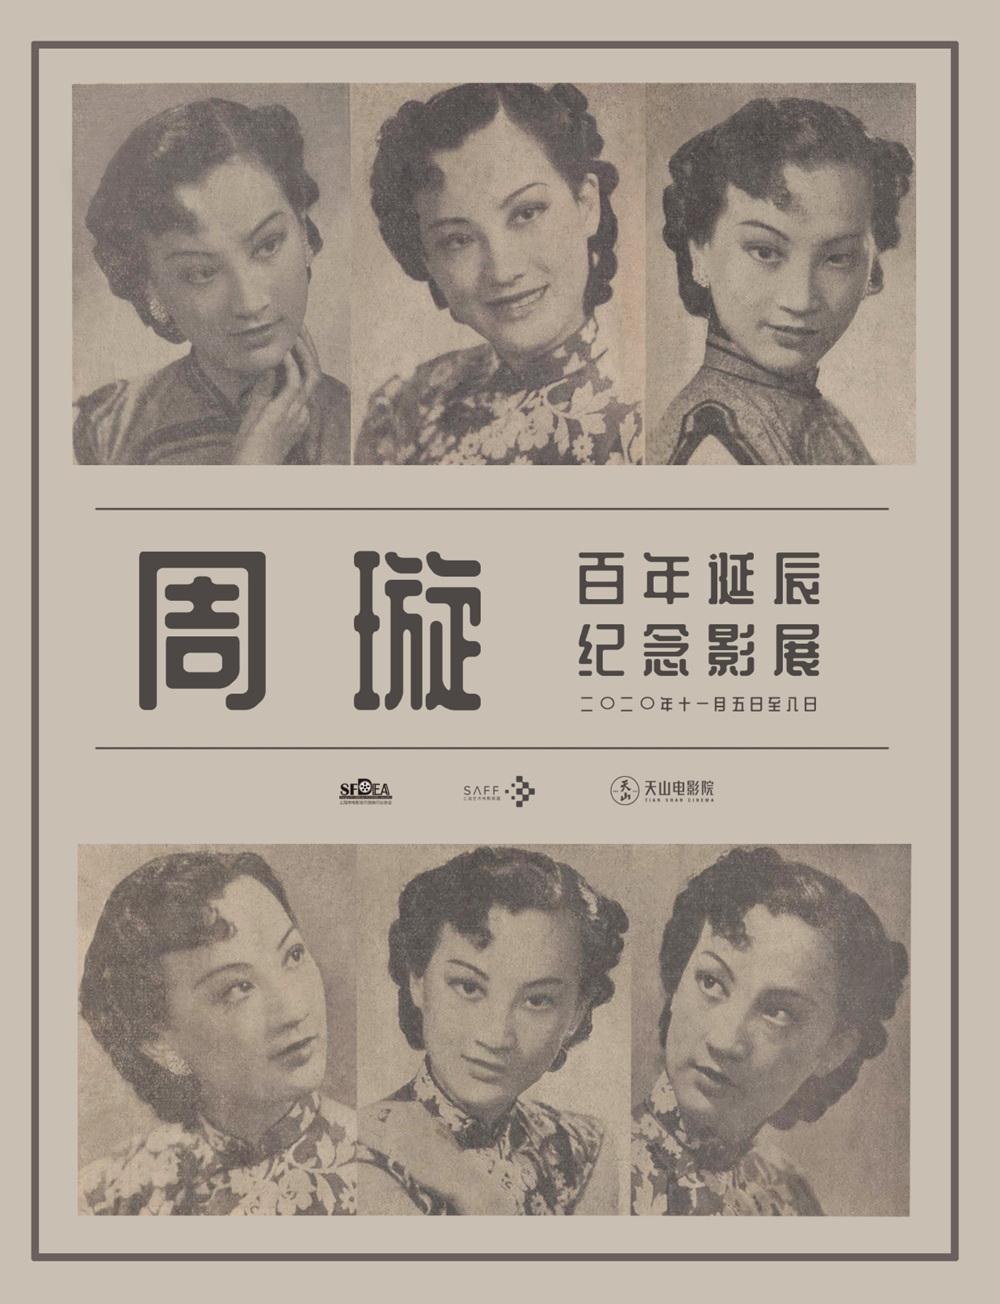 7部经典老电影致敬周璇百年,11月上海影展更显海派文化